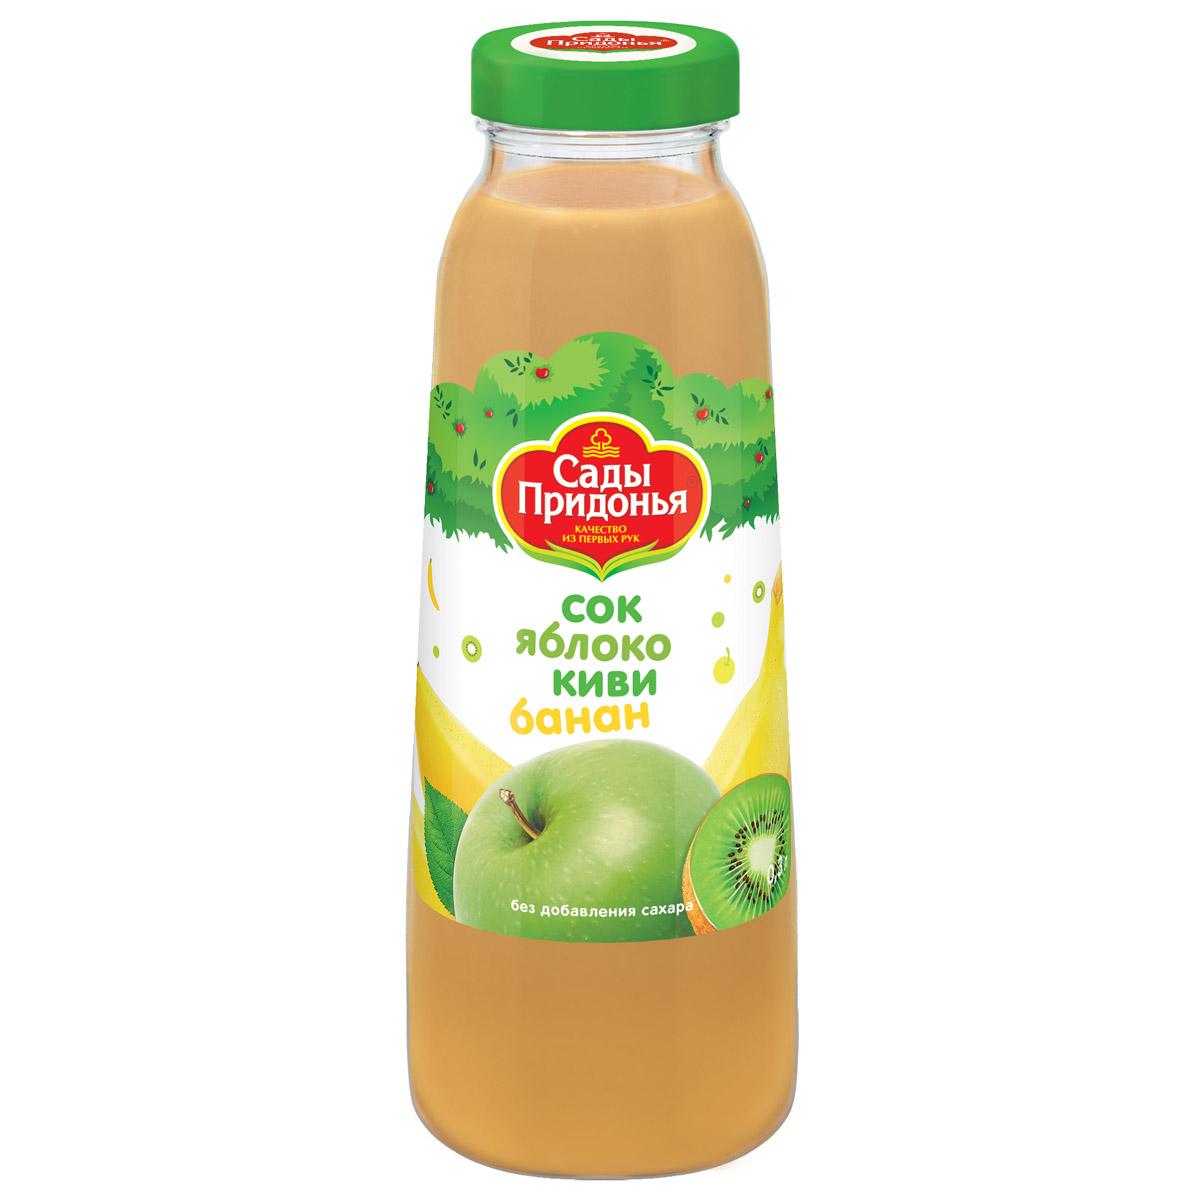 Сок Сады Придонья 300 мл (стекло) Яблоко банан киви (с 12 мес)<br>